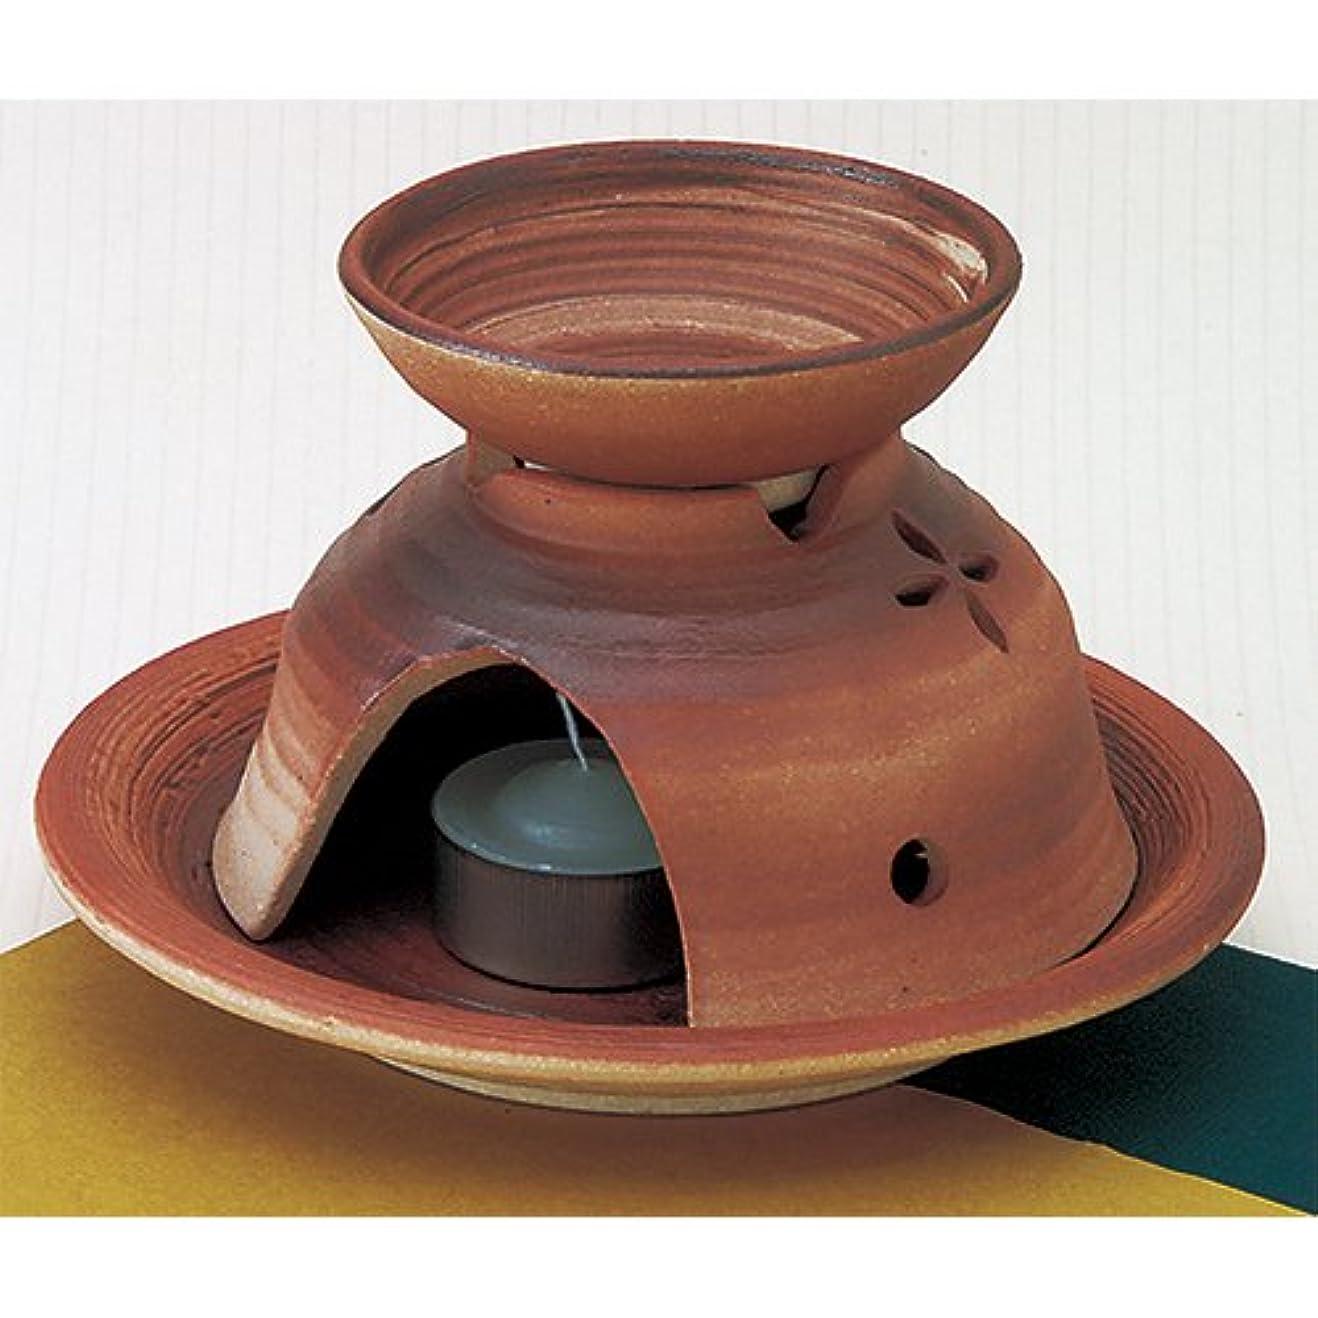 発見ブレーキクレタ香炉 花抜き 茶香炉 [R15xH9.5cm] HANDMADE プレゼント ギフト 和食器 かわいい インテリア